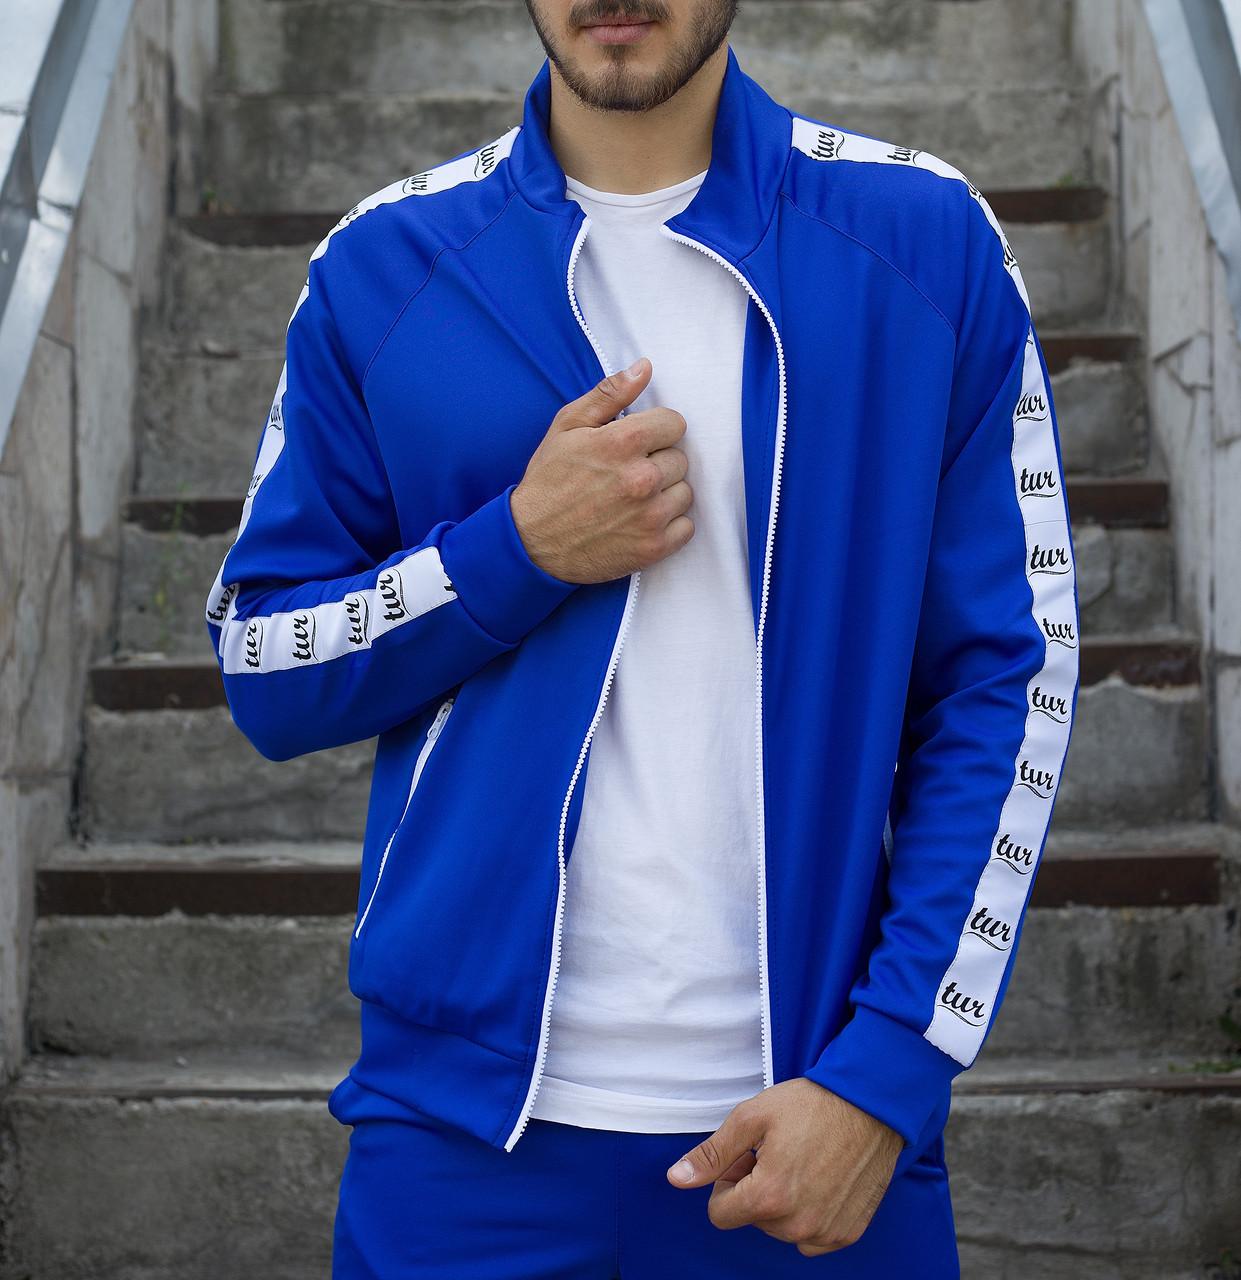 Мастерка олимпийка мужская синяя бренд ТУР модель Смоук (Smoke) размер XS, S, M, L, XL